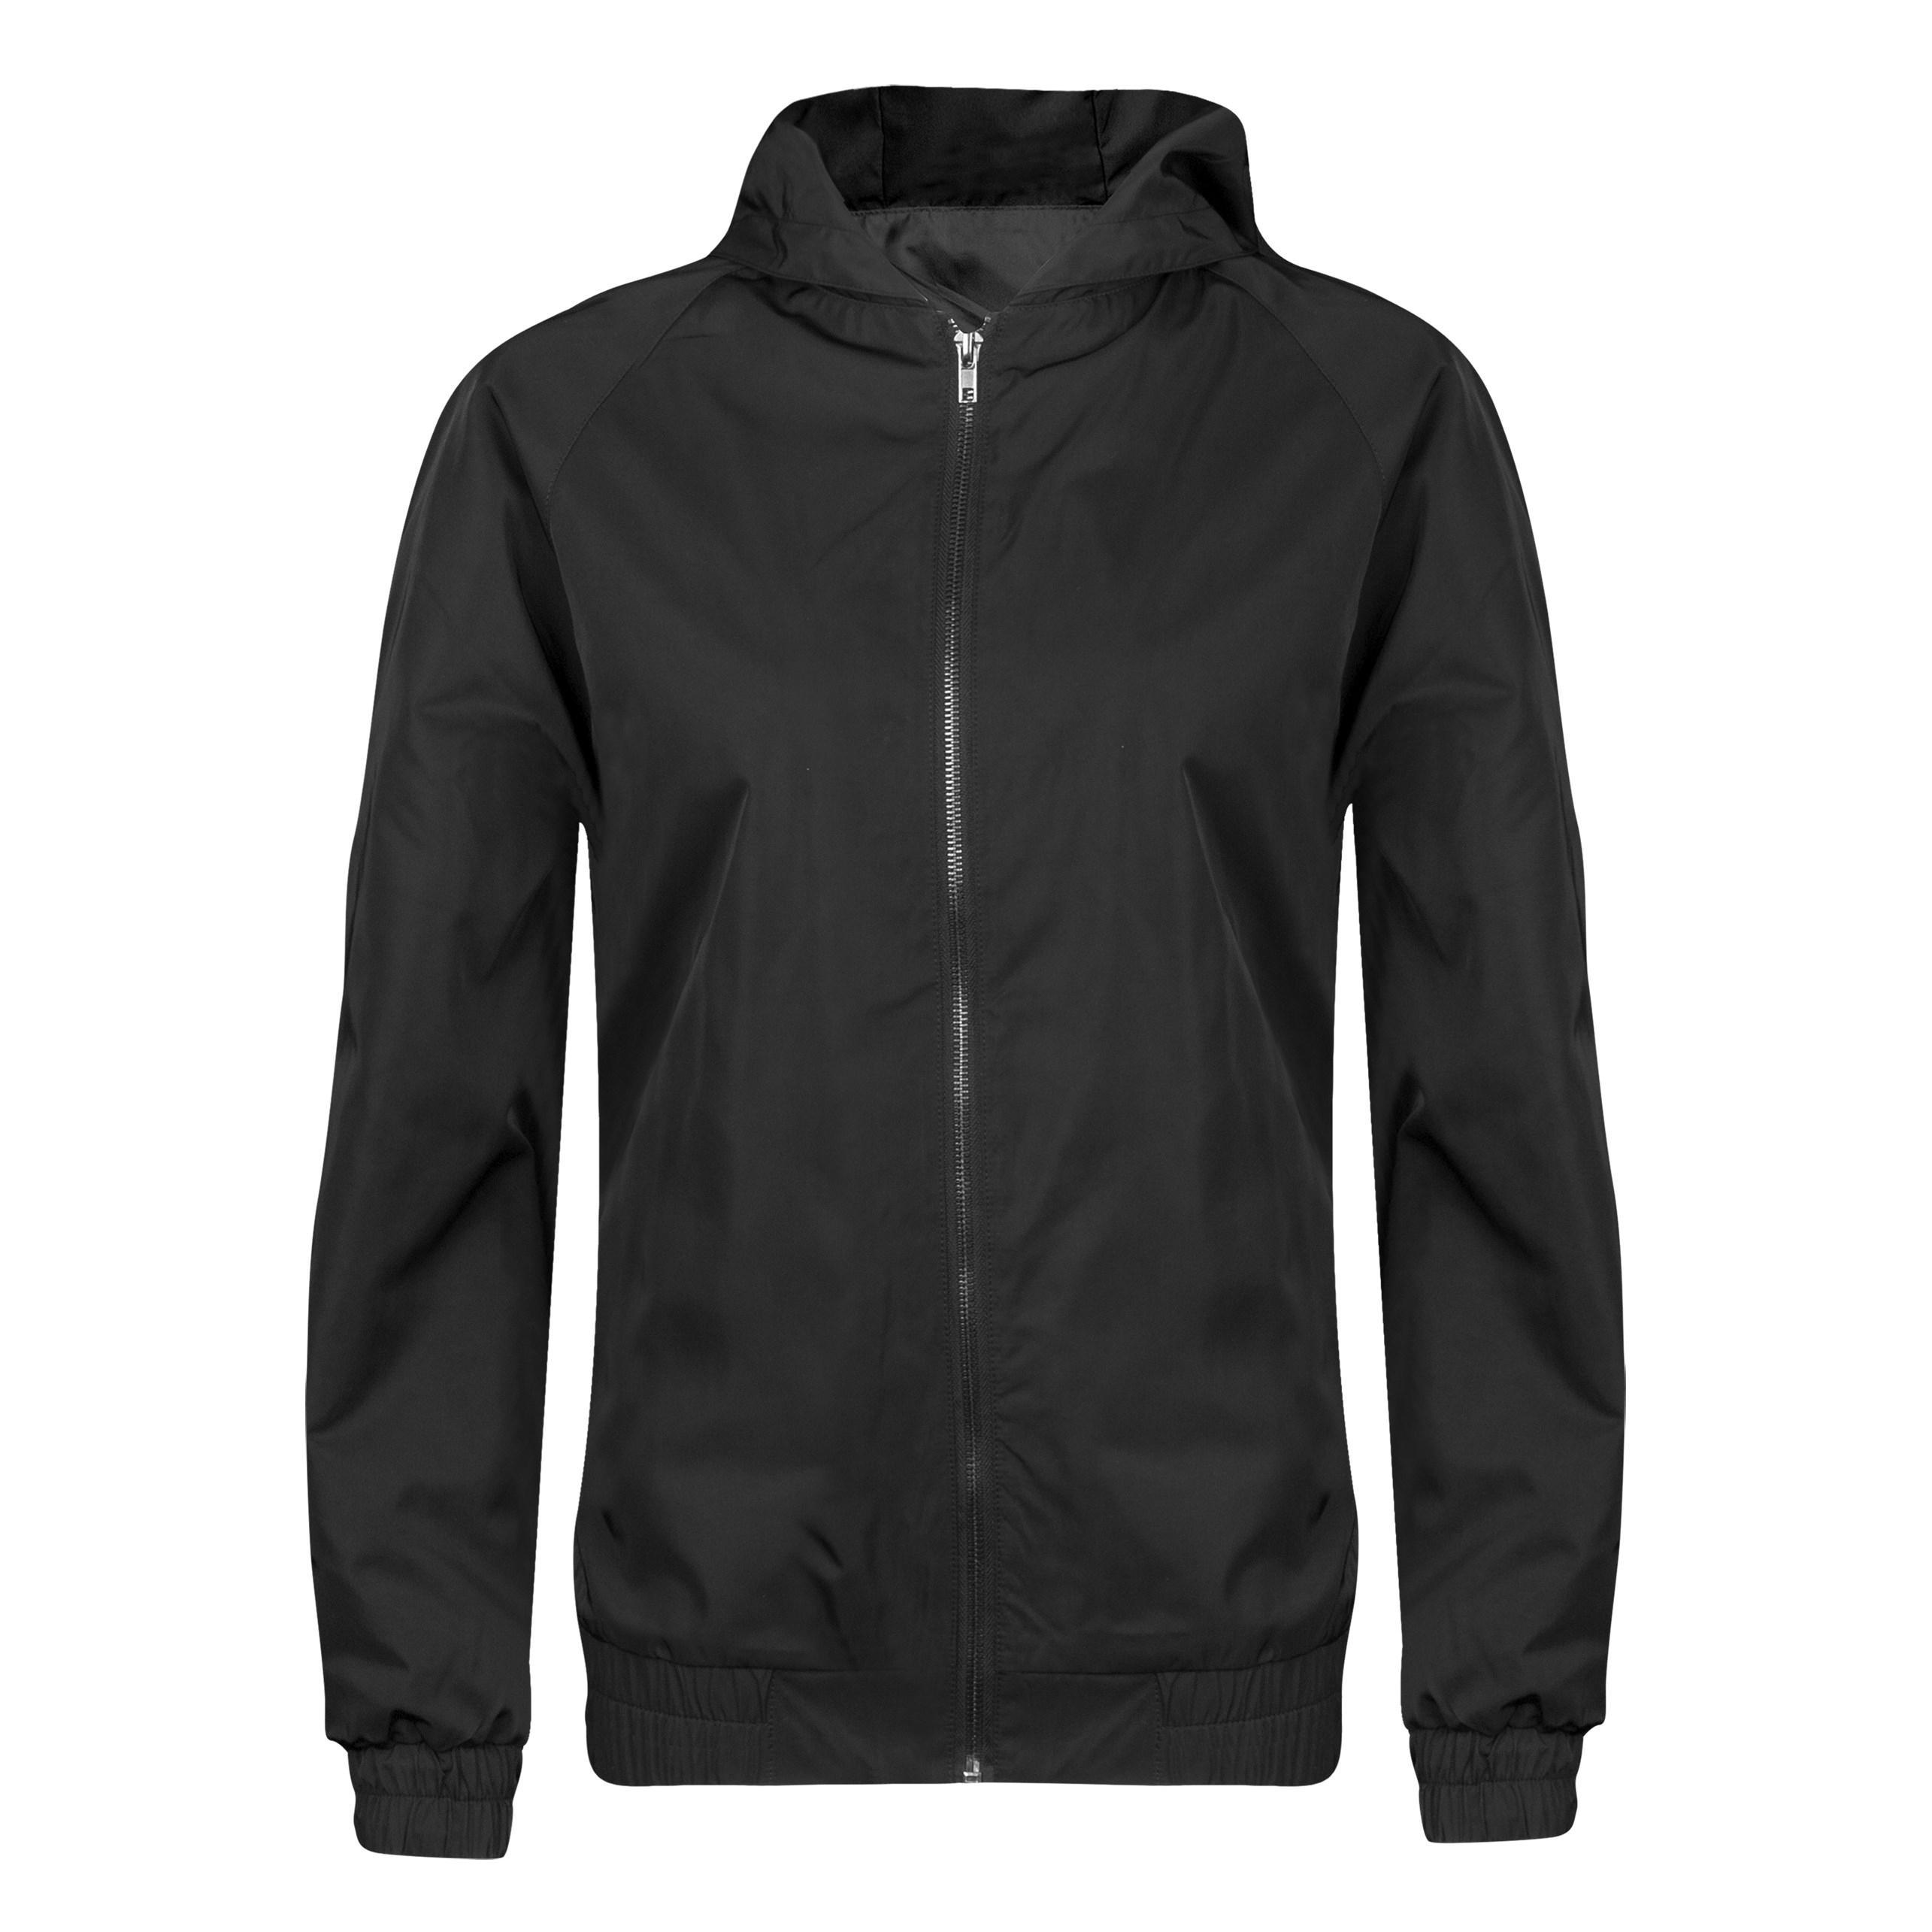 Ladies Epic Jacket - Black Only